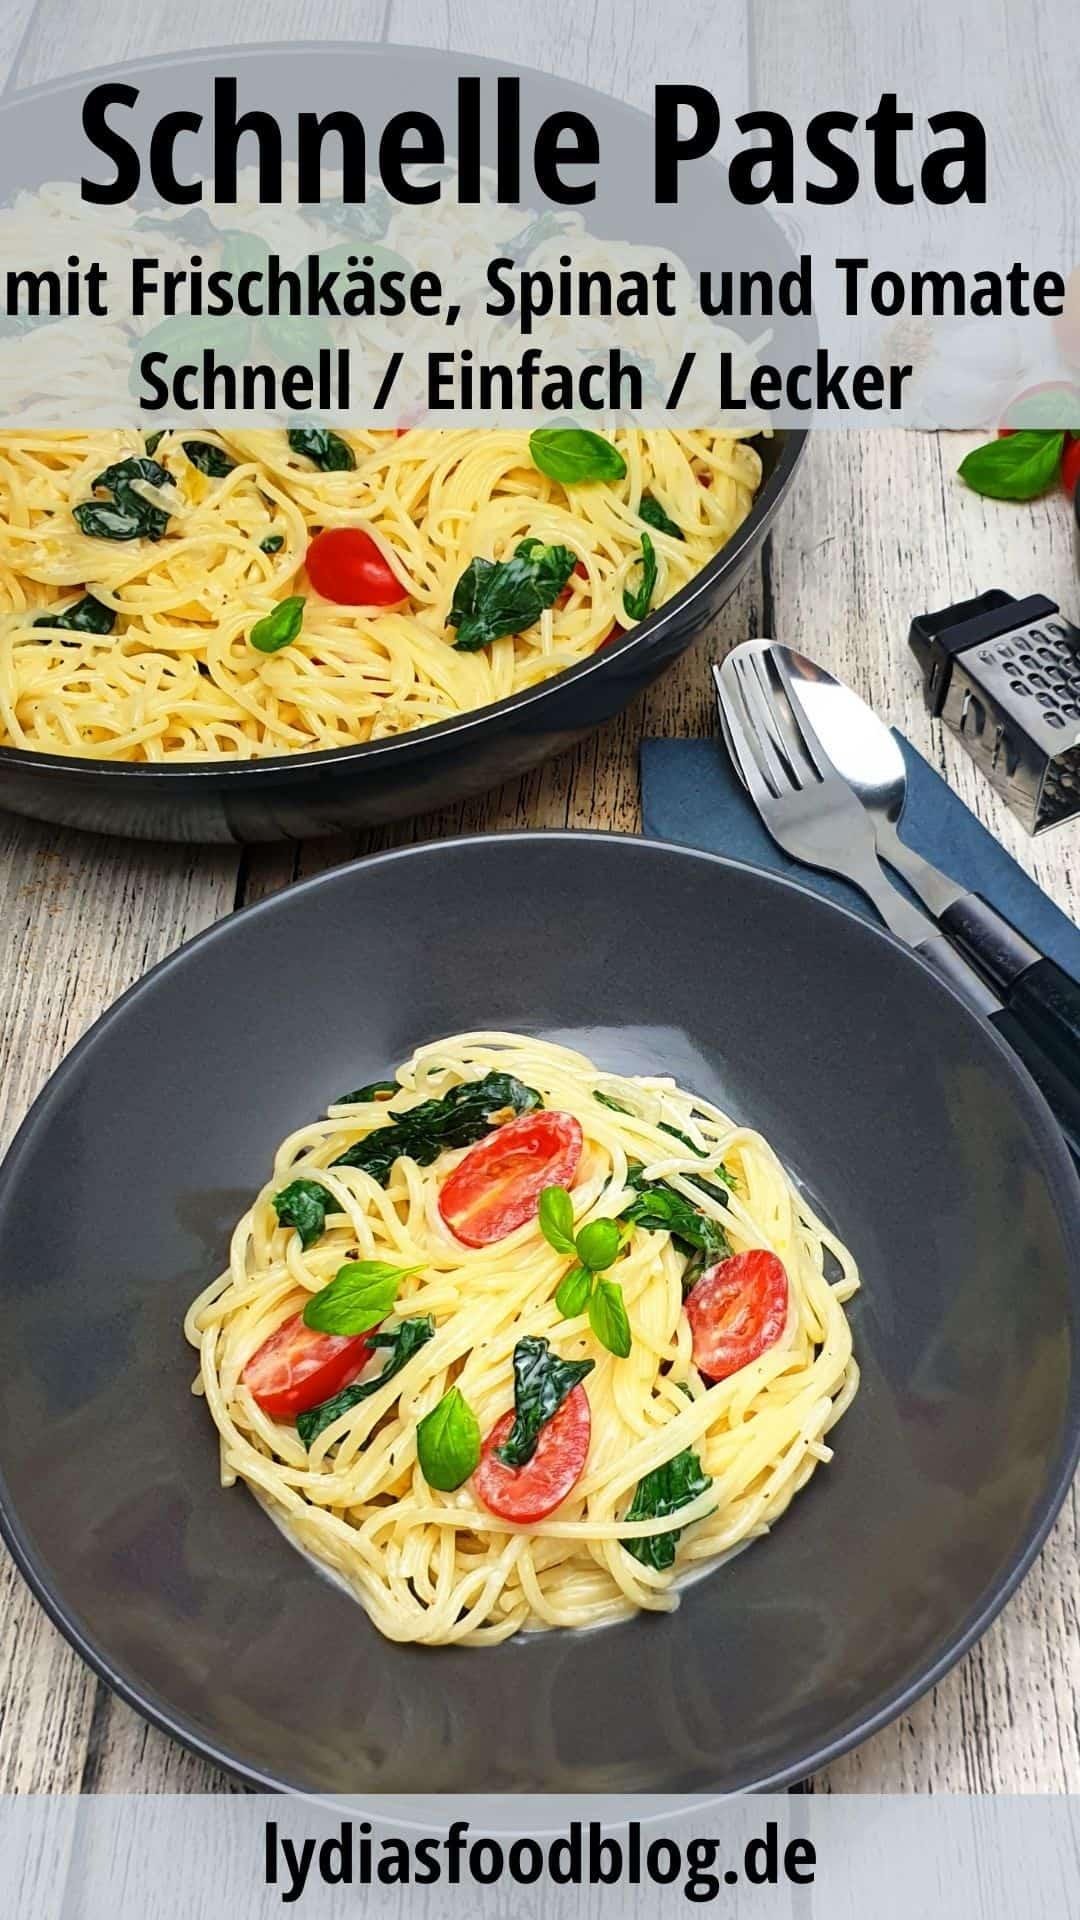 In einer grauen Schale ein Spaghetti Gericht mit Spinat und Tomate. Im Hintergrund Deko.